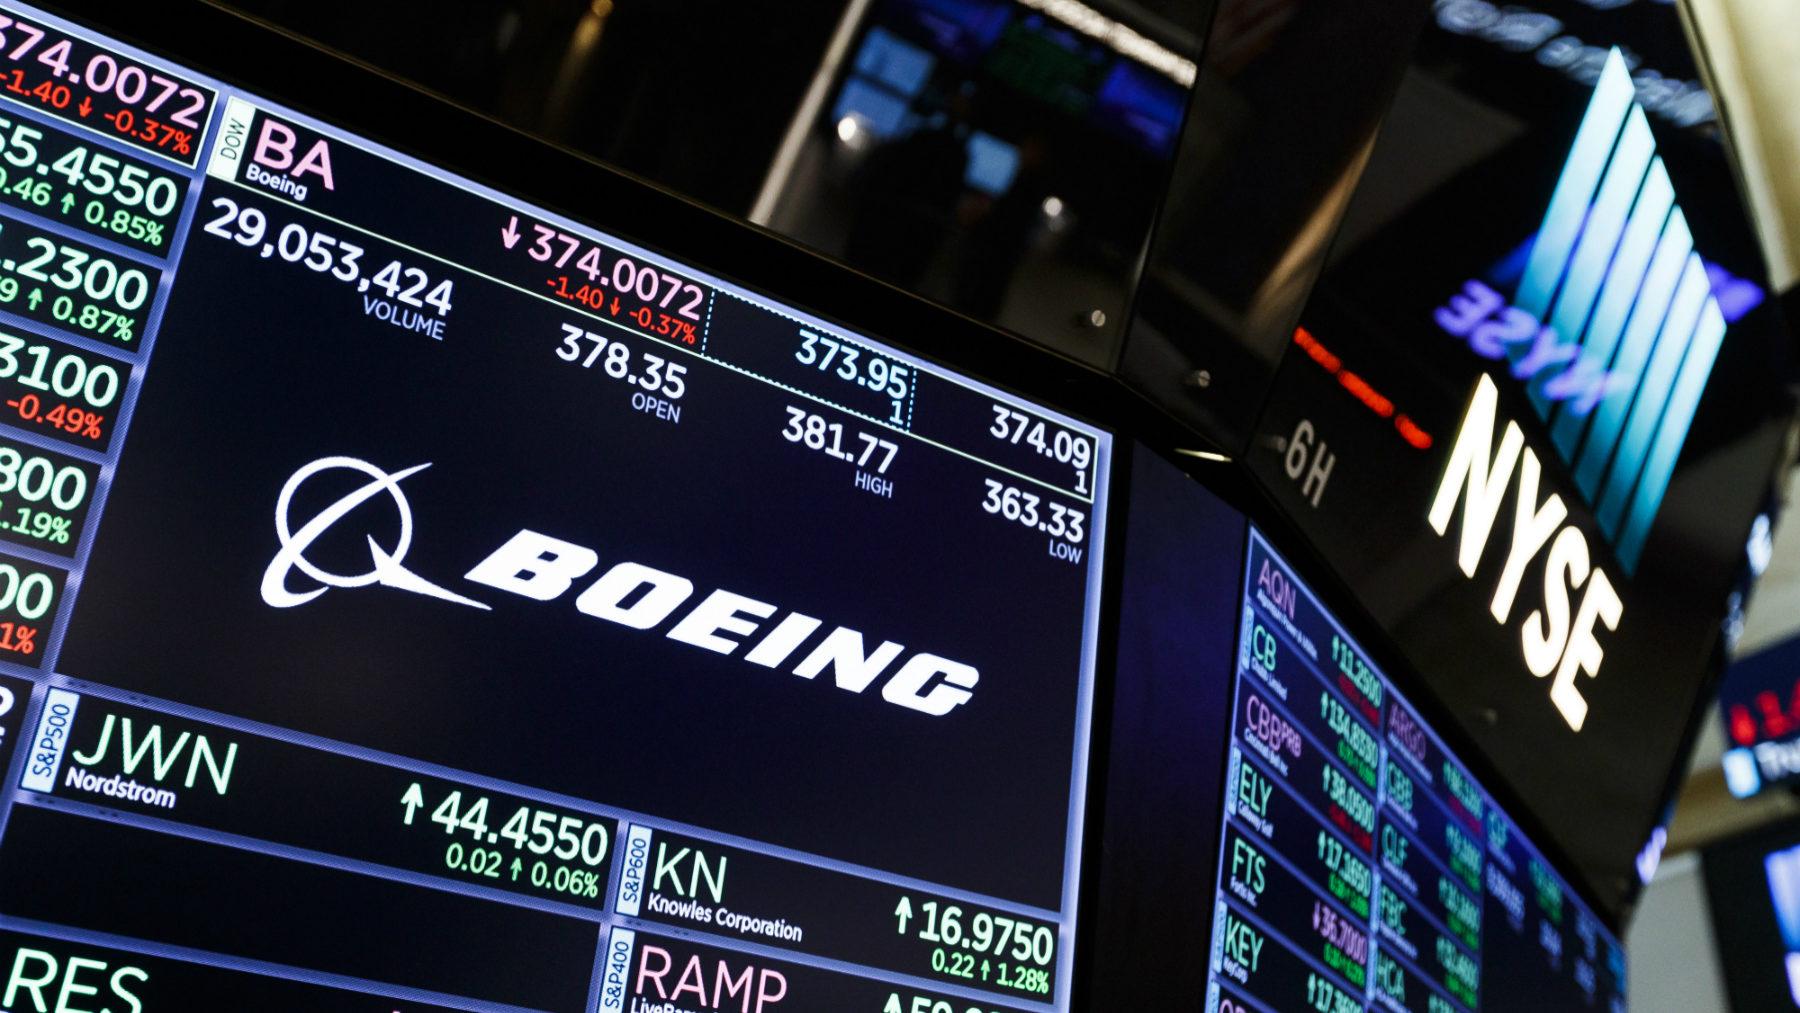 Boeing já perdeu mil milhões com os 737 Max. Ações sobem em Wall Street